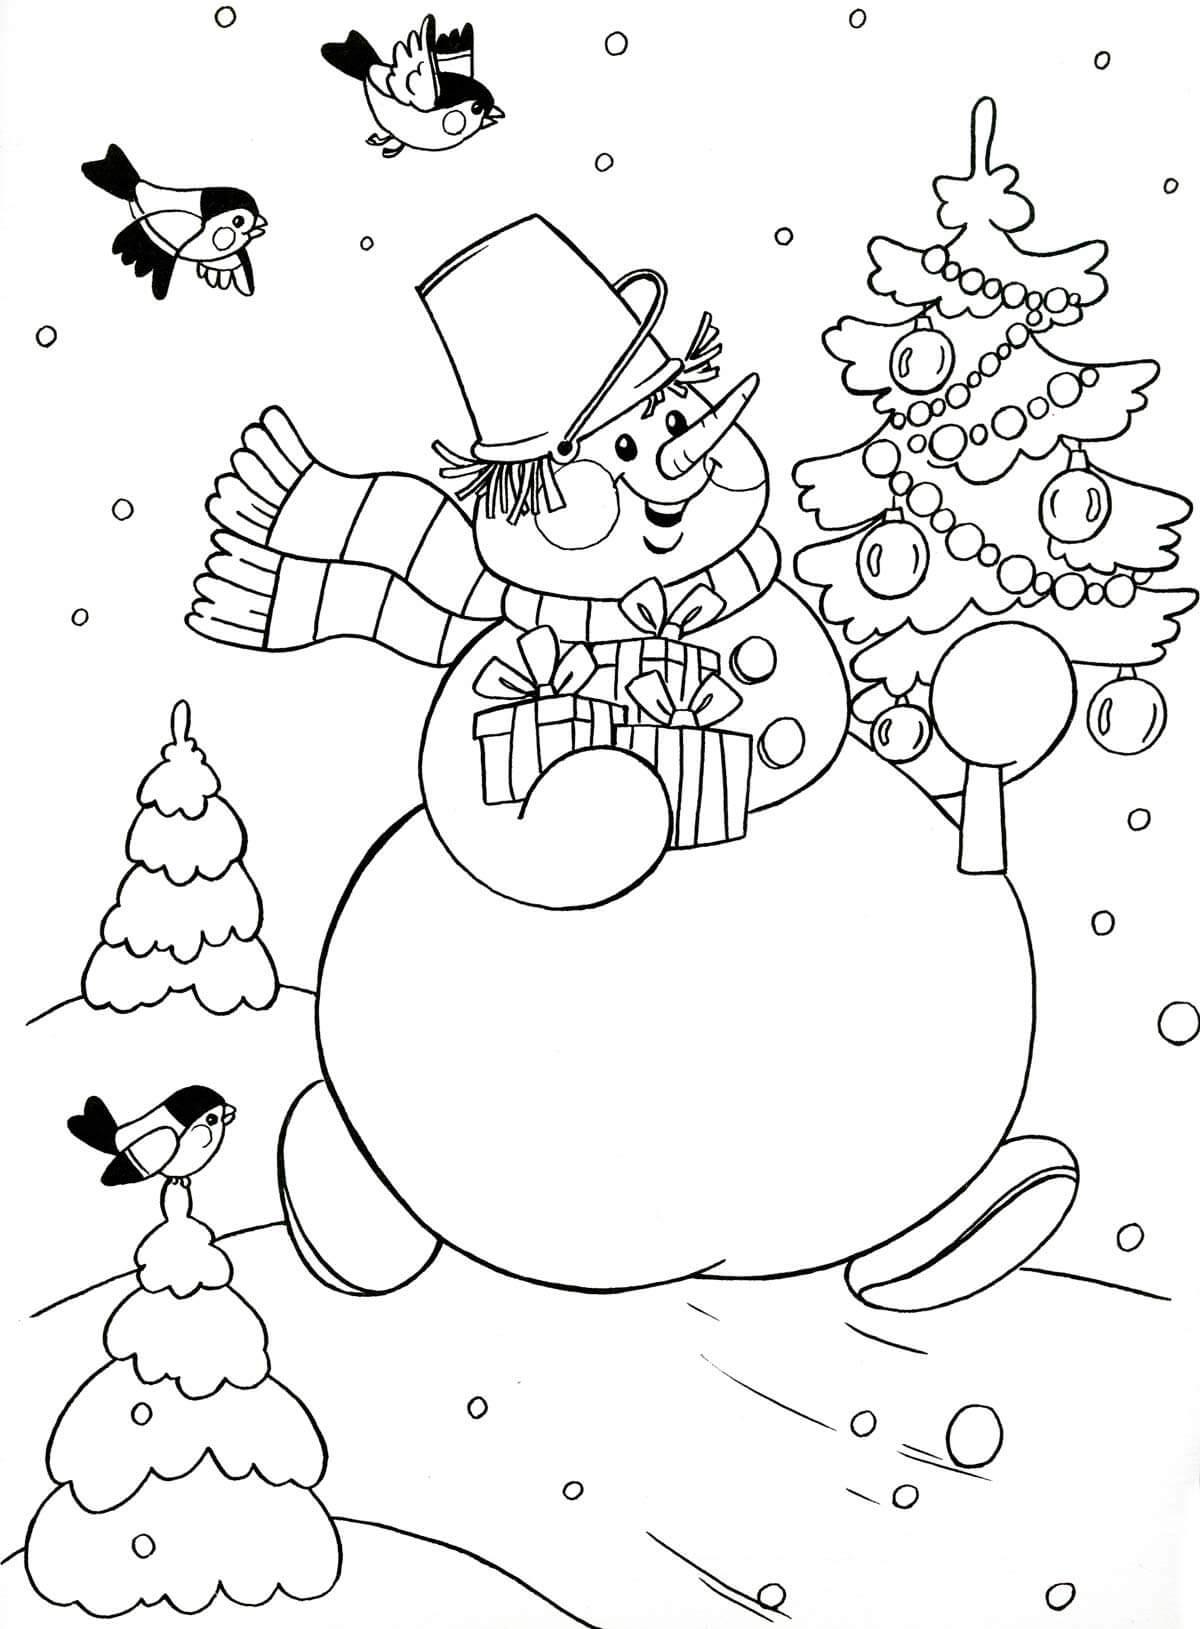 Лучшие картинки рисунки снеговиков для срисовки - коллекция 3